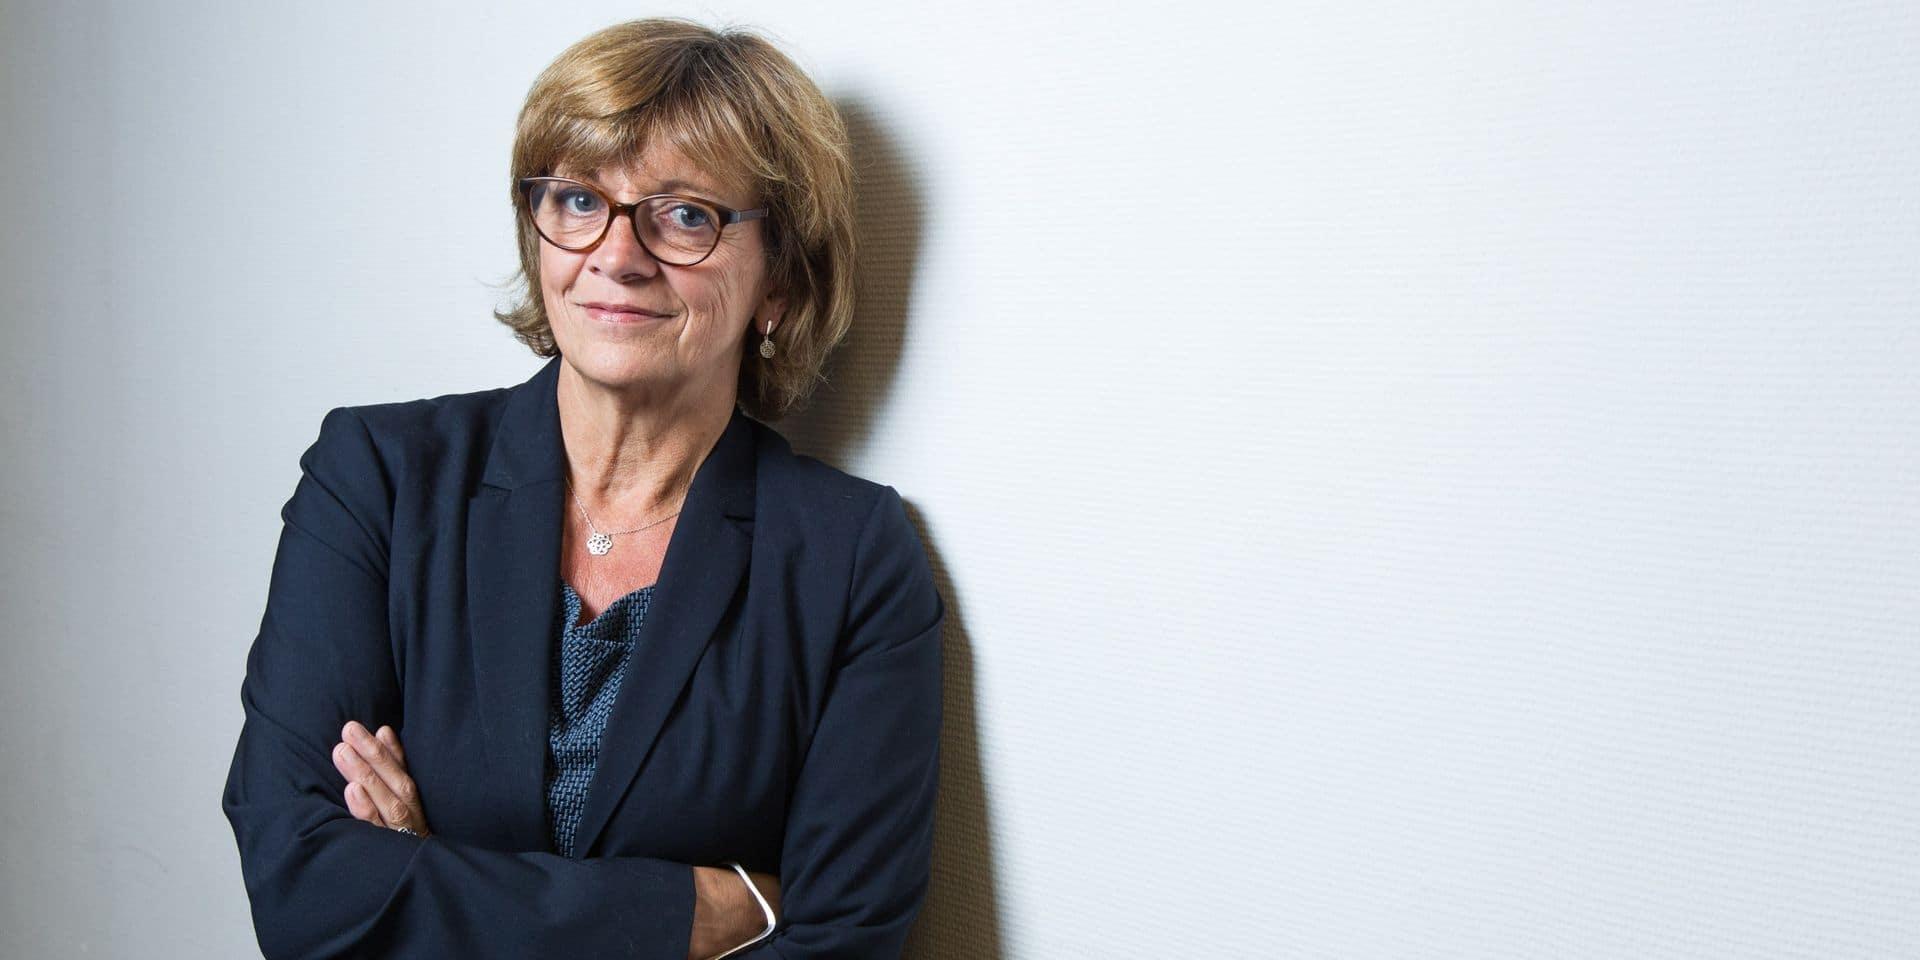 ONU: démission du chef de l'agence Cnuce, Isabelle Durant assurera l'intérim